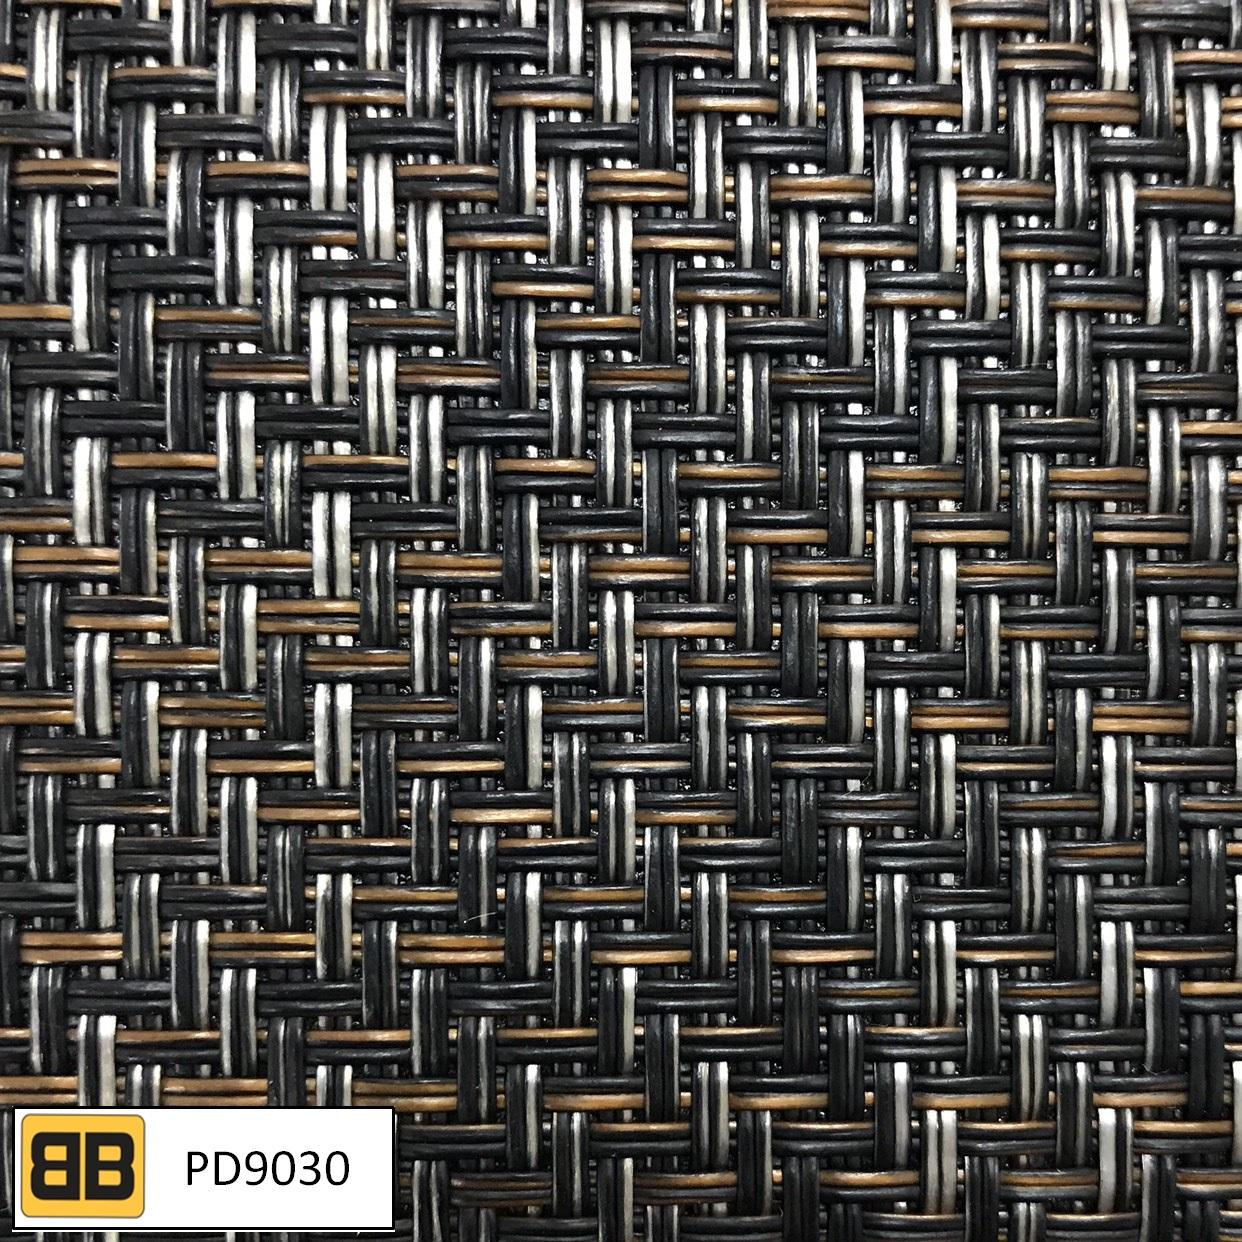 BB-PD9030